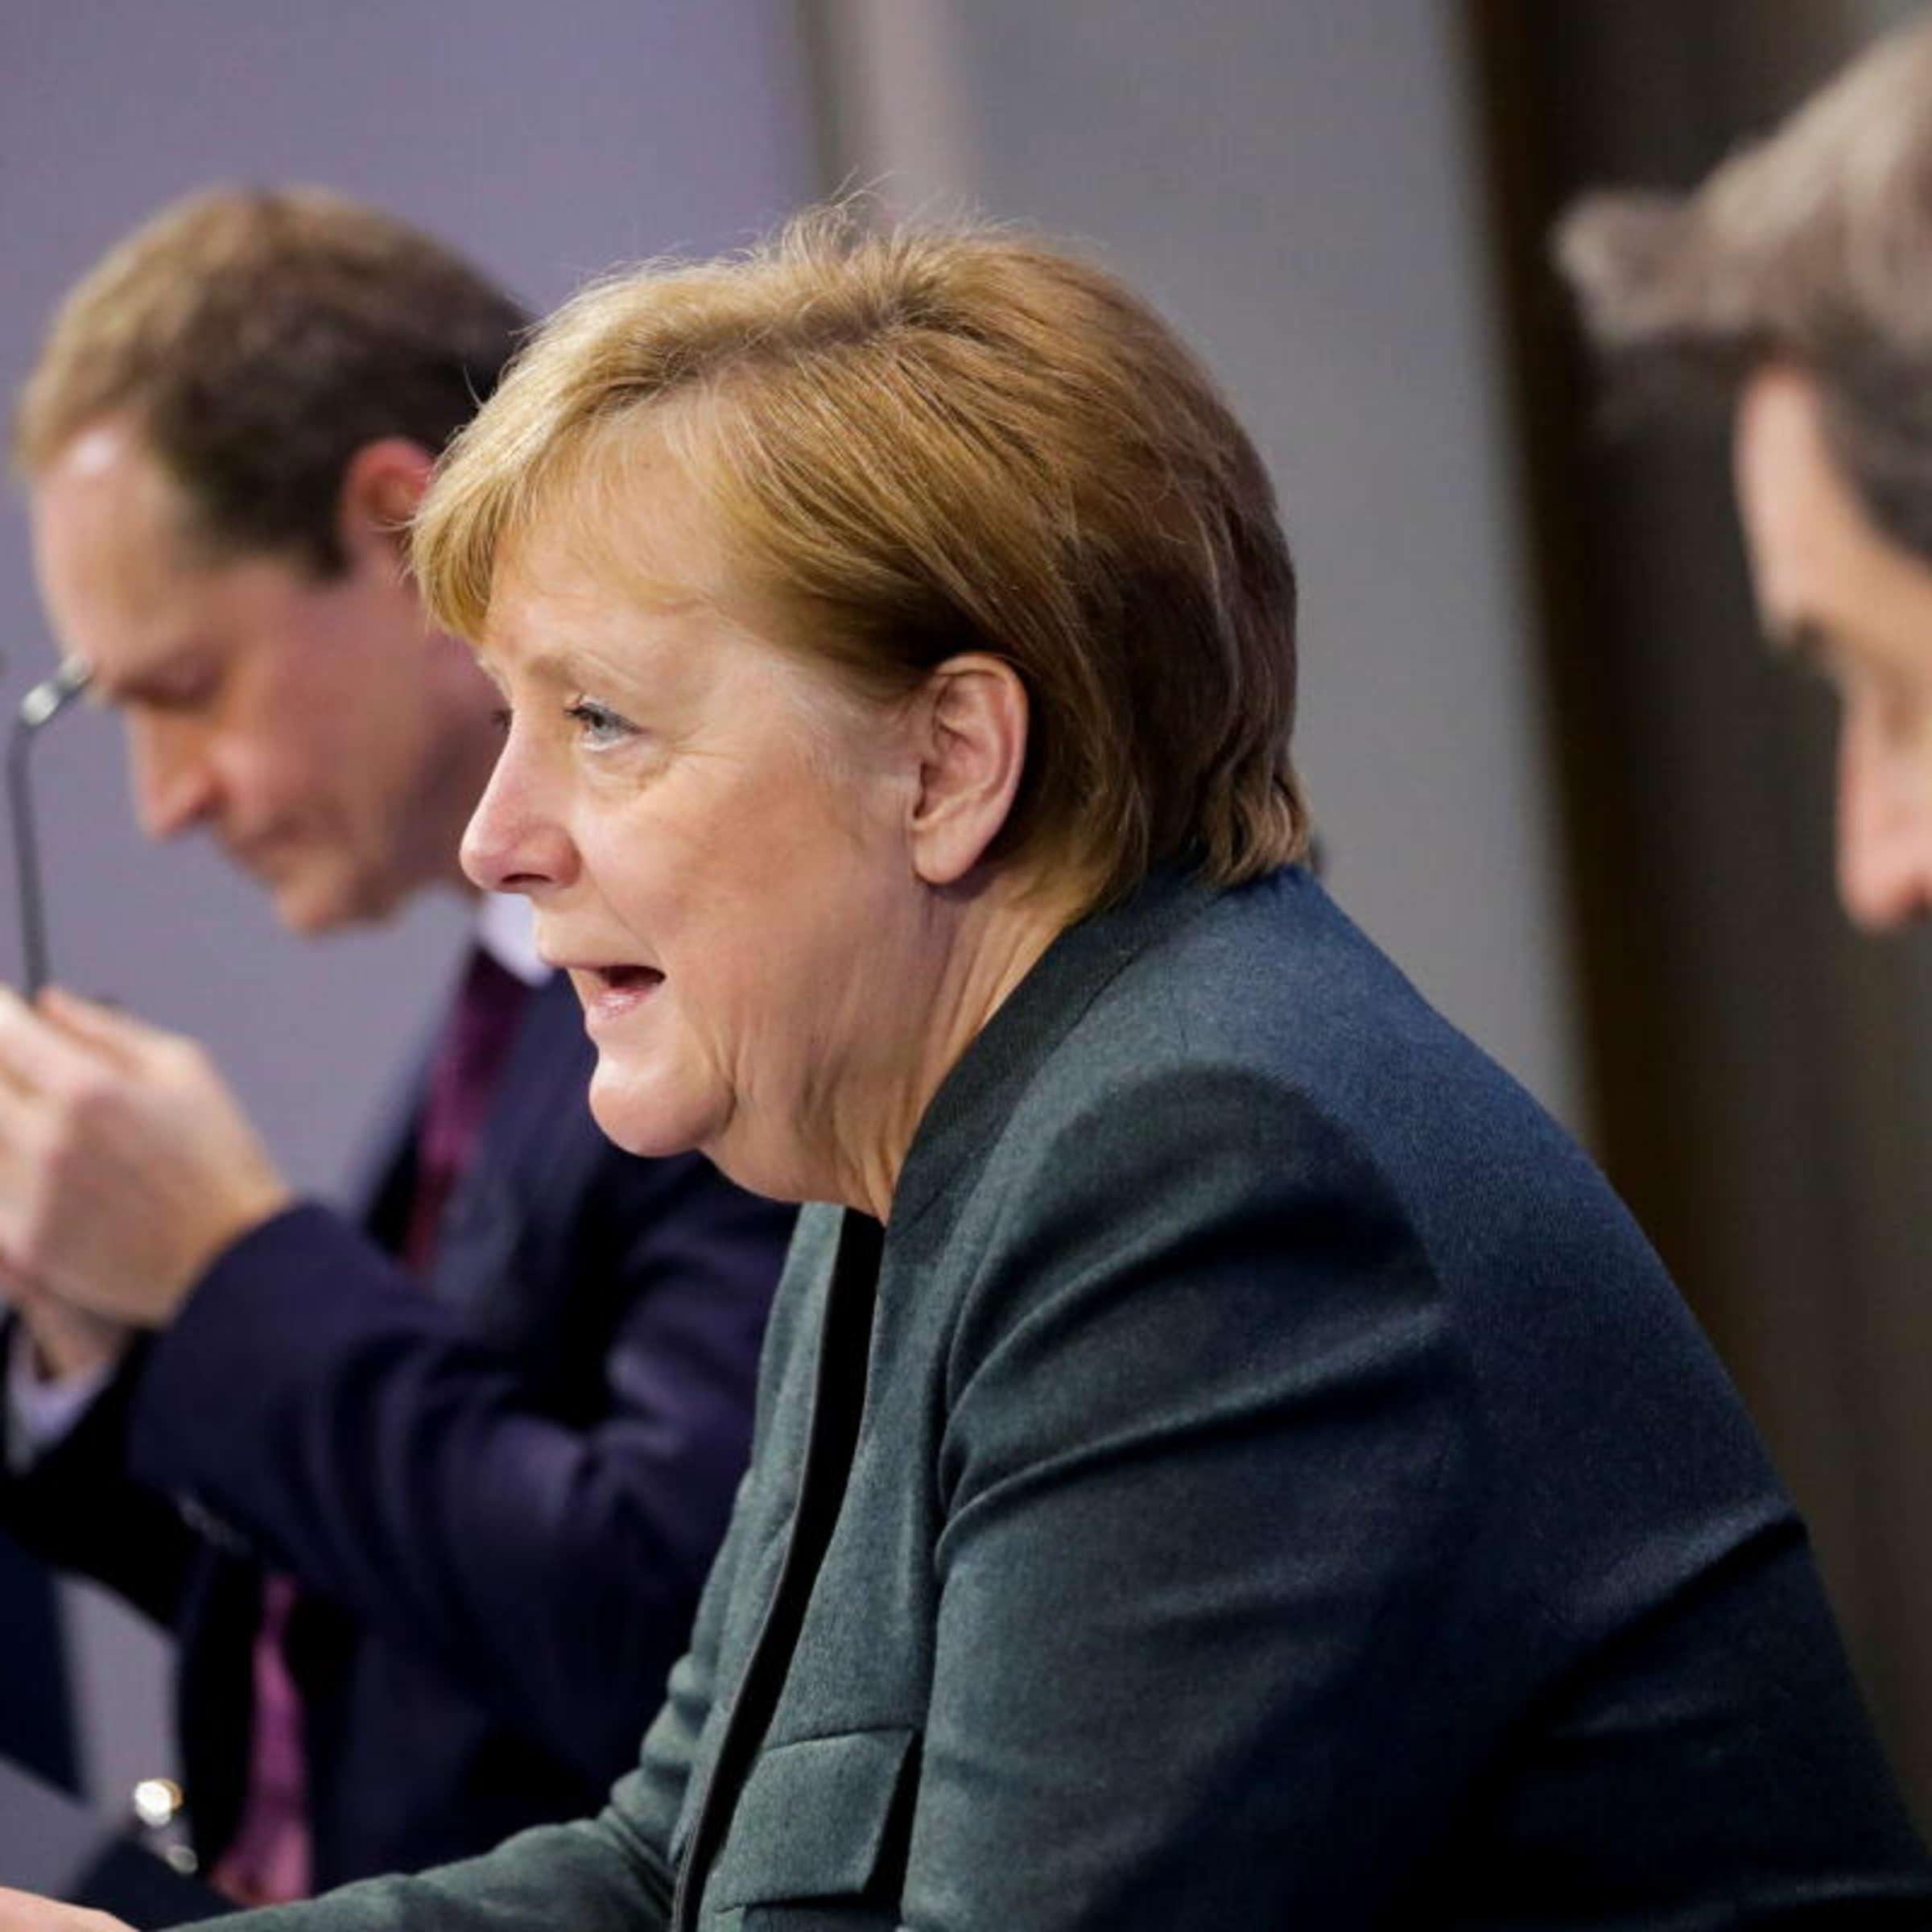 Corona Lockdown Merkels Gipfel Ruckt Naher Weist Der Neue Stufenplan Deutschland Den Ausweg Politik